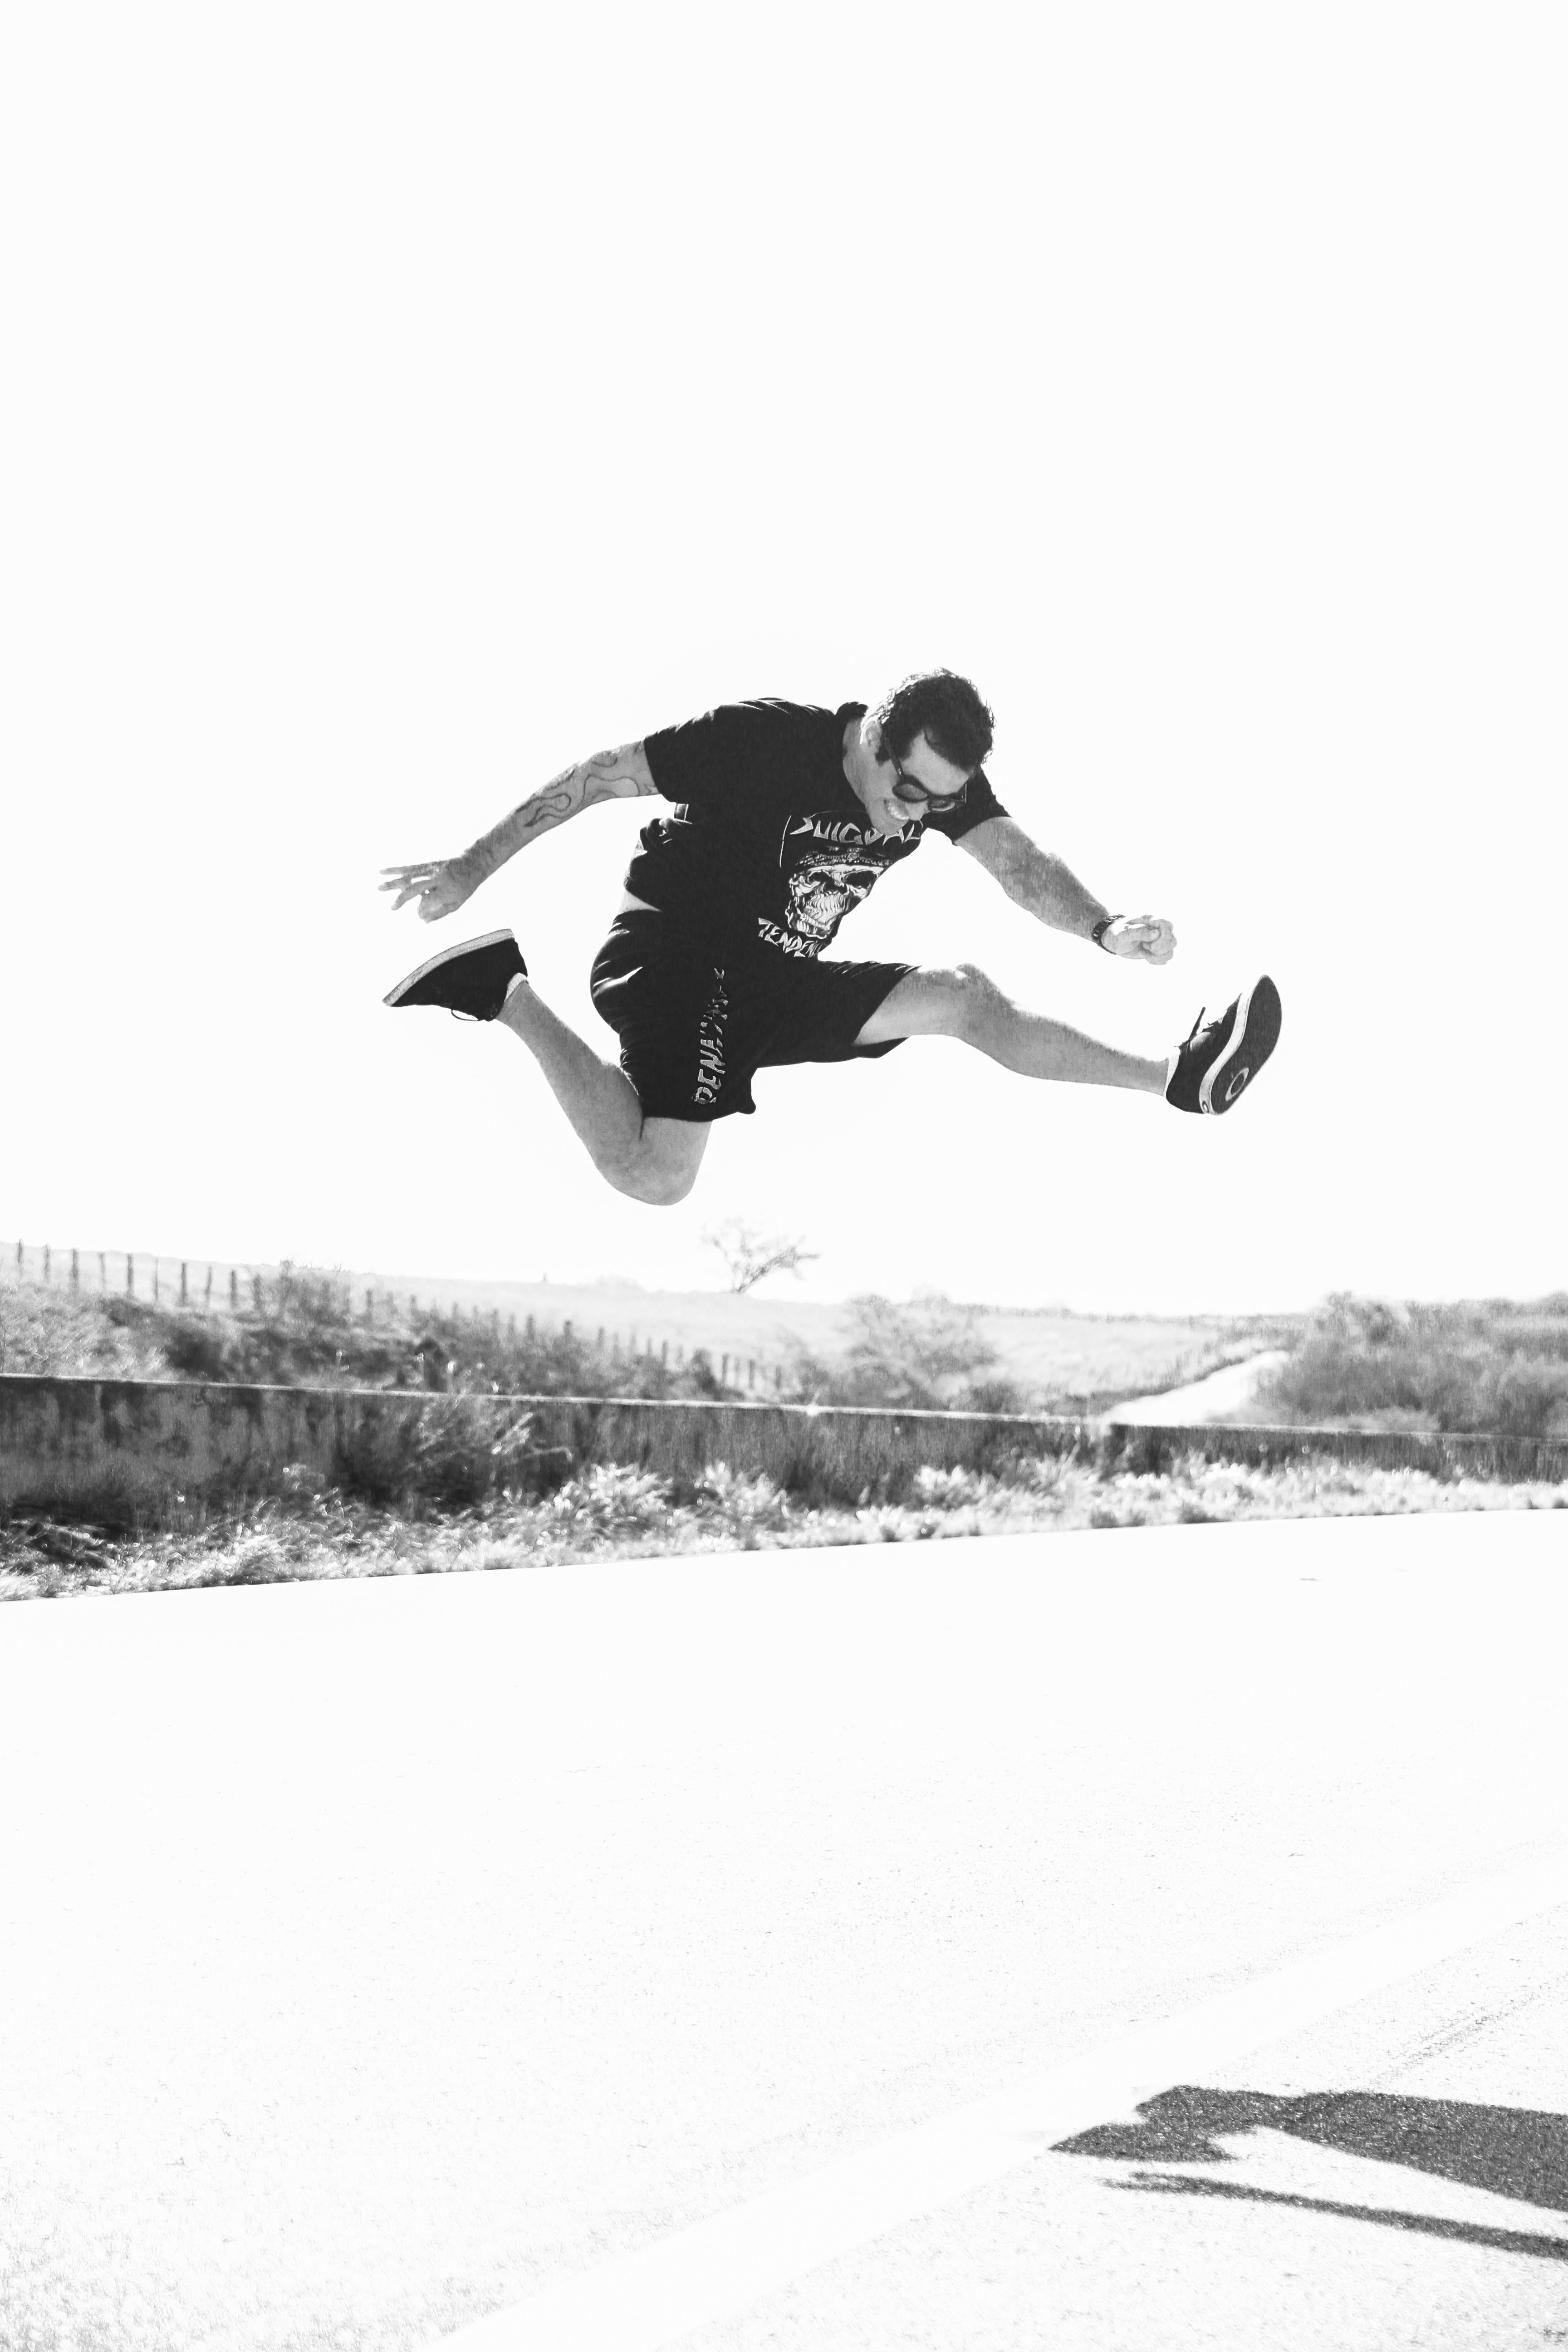 Fotos de stock gratuitas de blanco y negro, hombre, lanzamiento en suspensión, persona